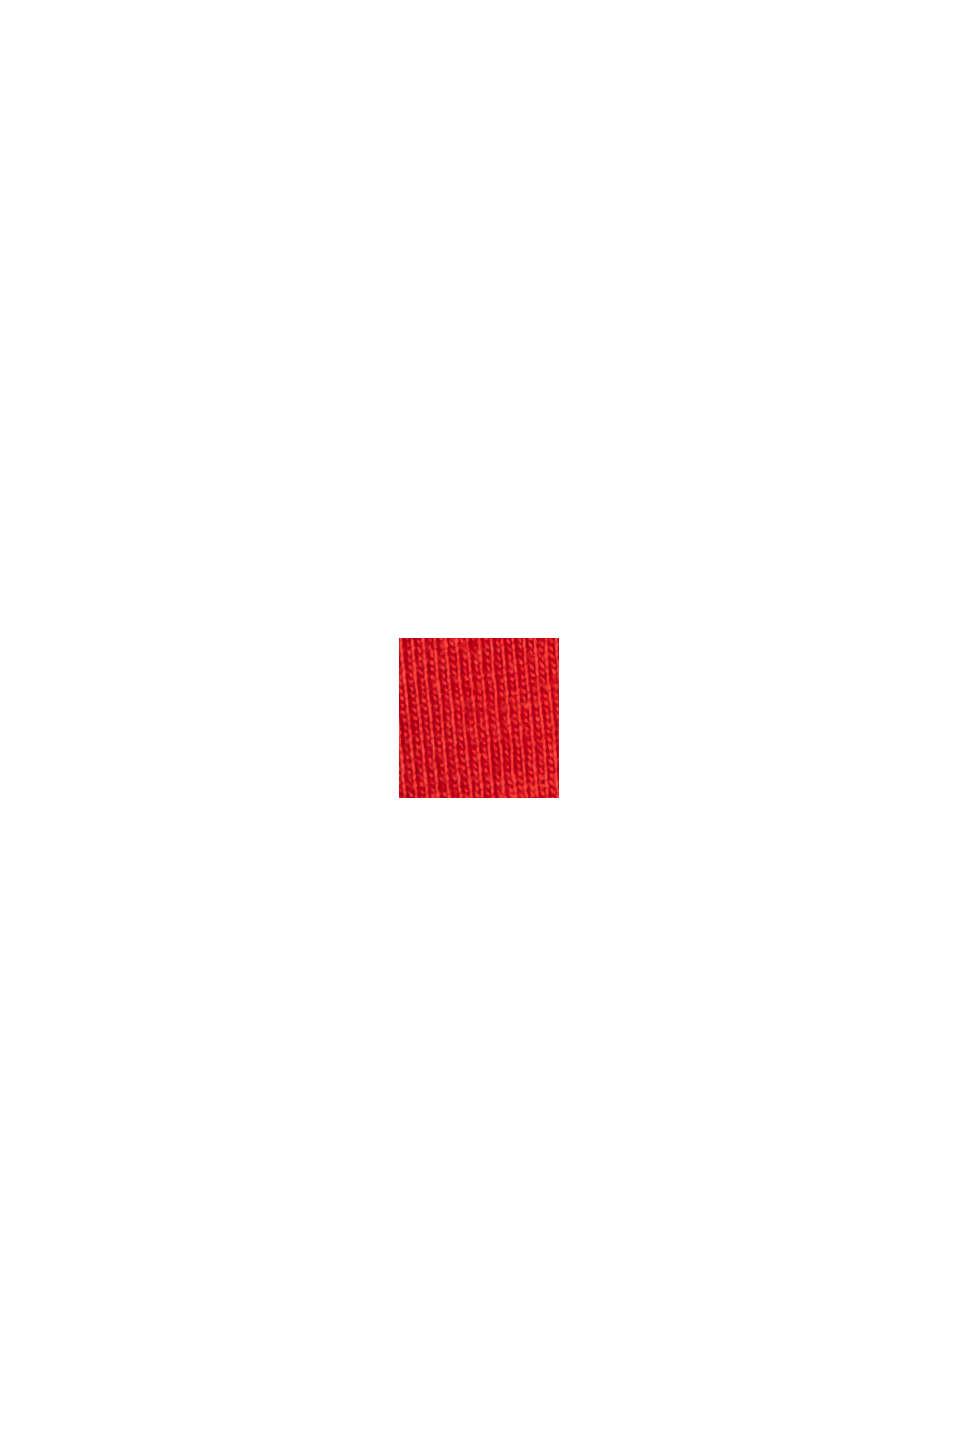 Maglia a maniche lunghe con stampa di cuore, 100% cotone biologico, RED, swatch